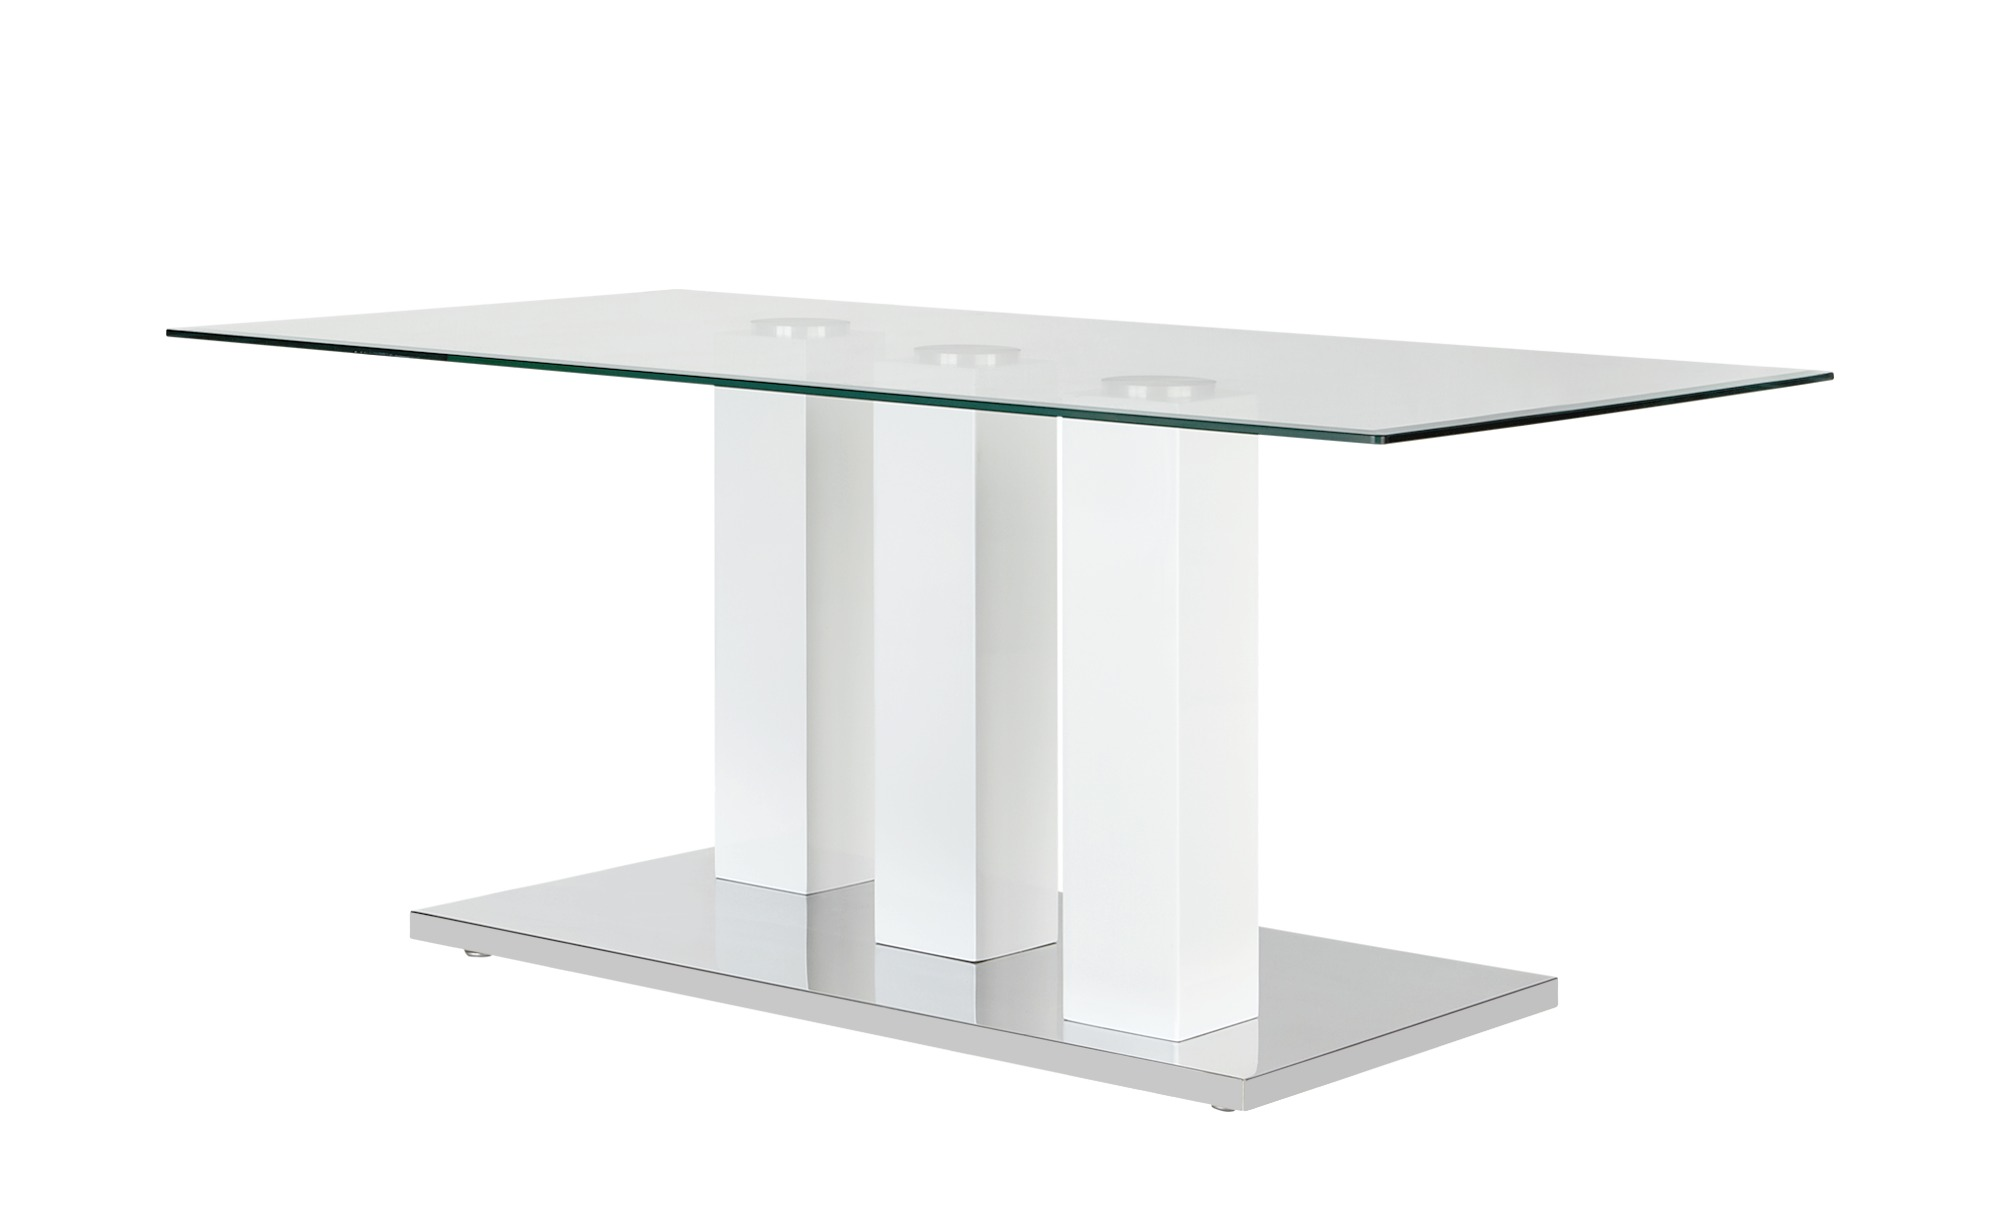 Couchtisch Klar Glas/weiß - weiß - 60 cm - 48 cm - 60 cm - Sconto